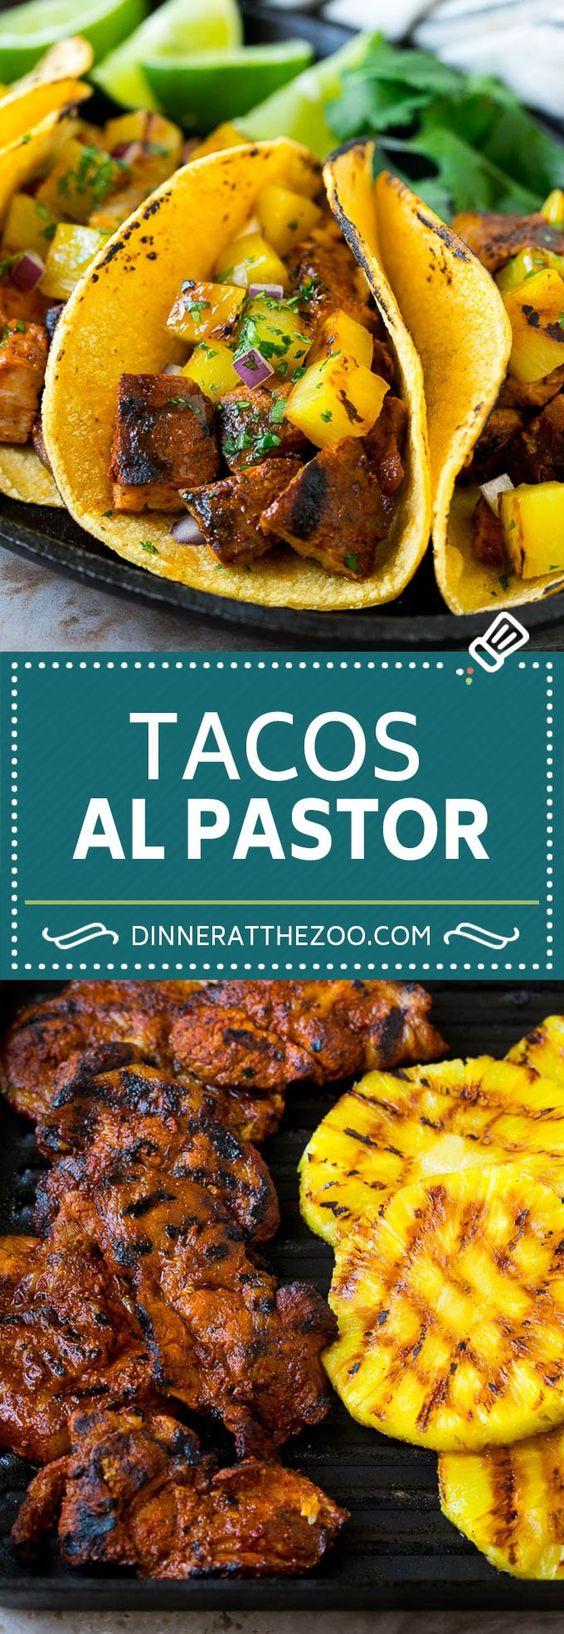 mexican taco recipes